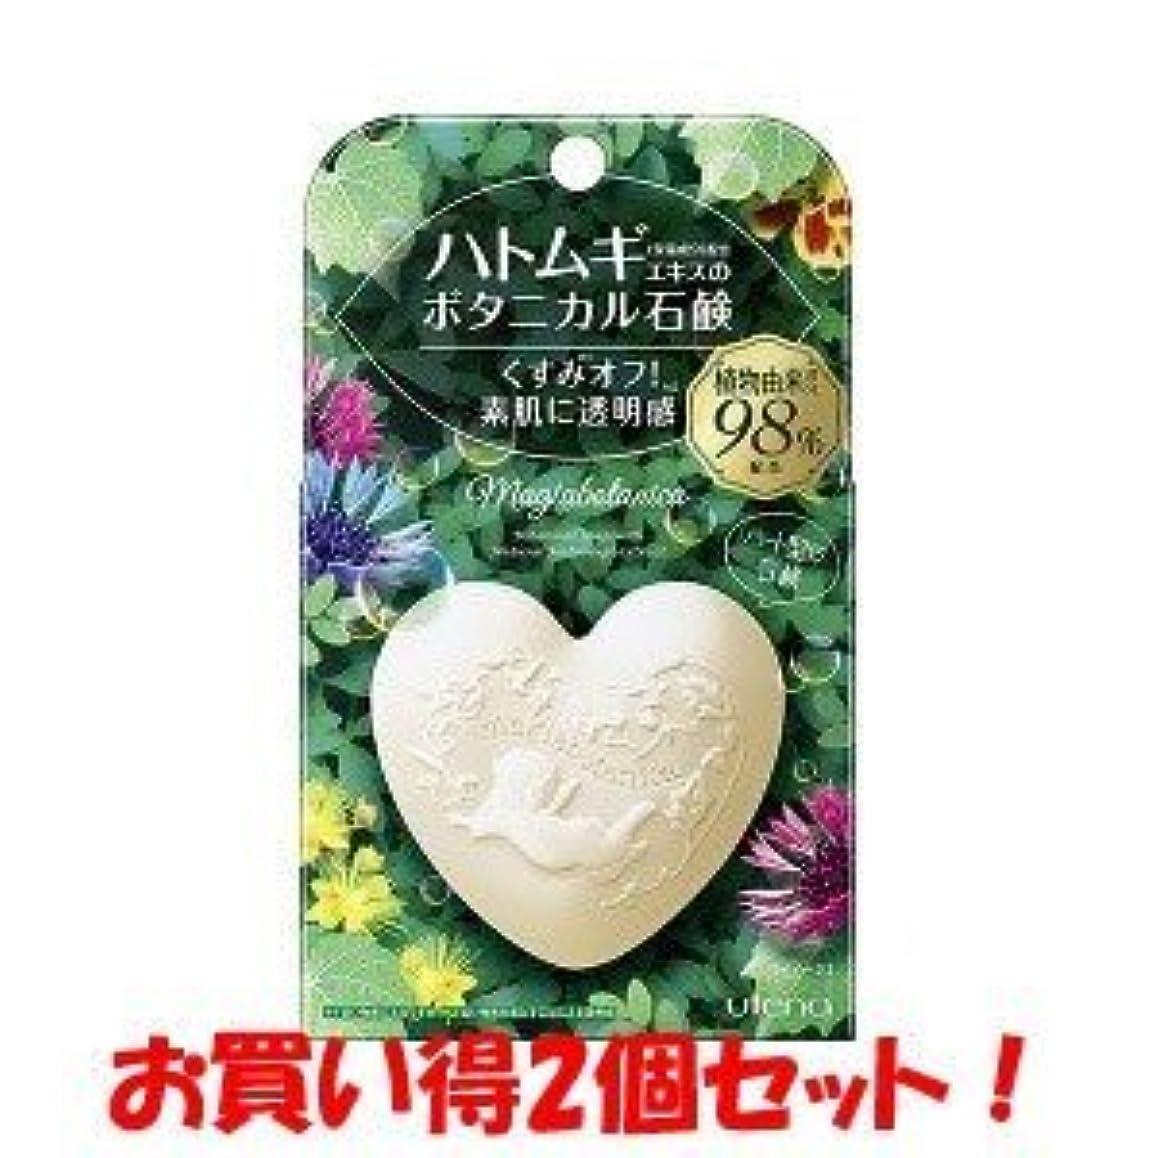 古代練る授業料(ウテナ)マジアボタニカ ボタニカル石鹸 100g(お買い得2個セット)